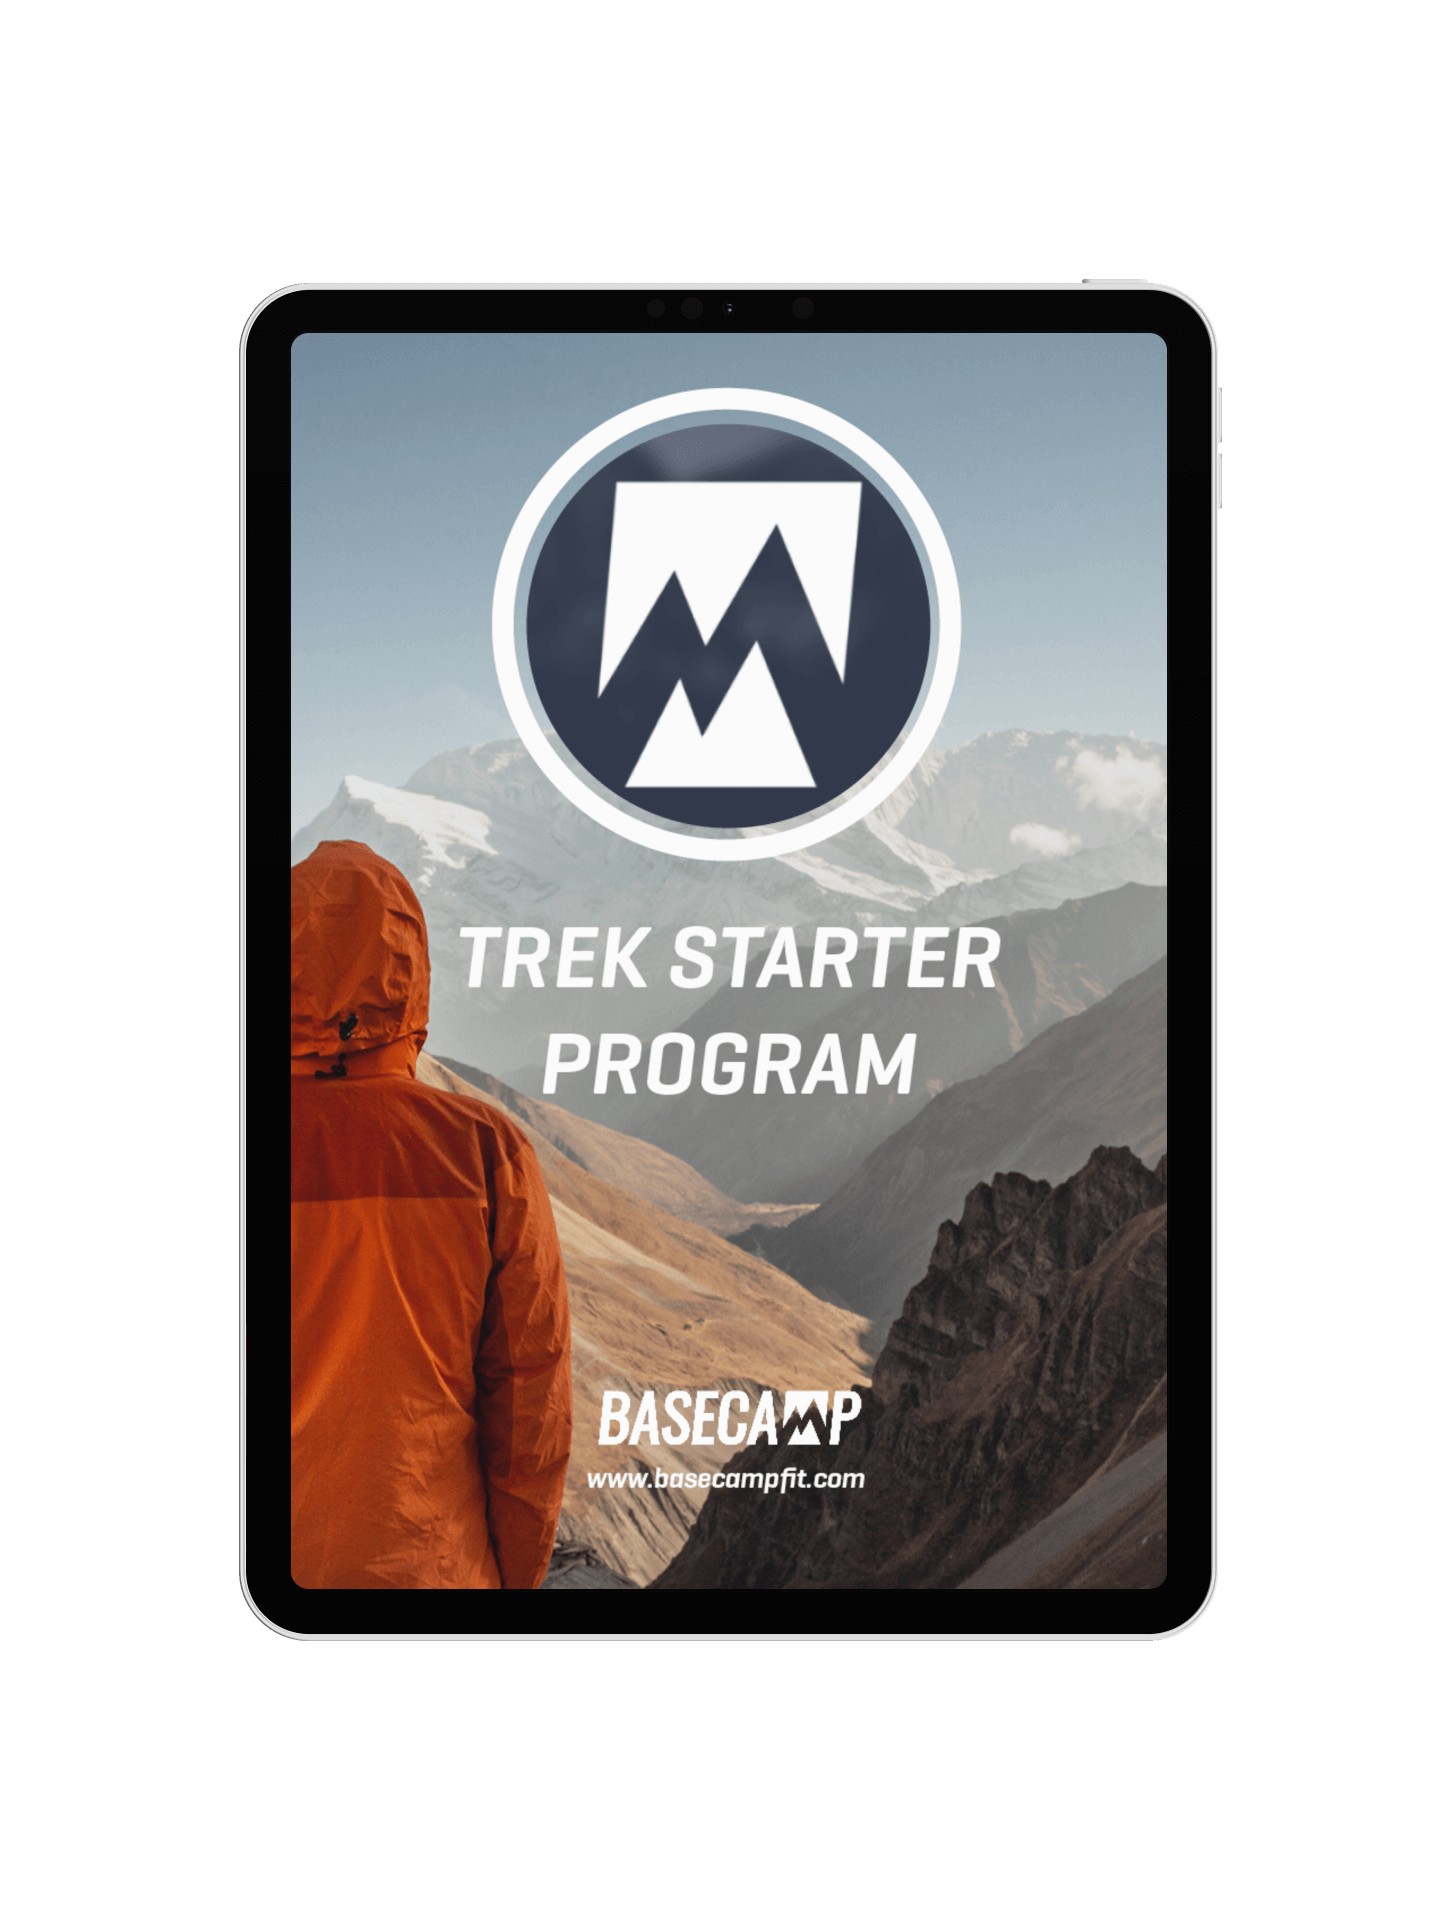 Trek Starter Program